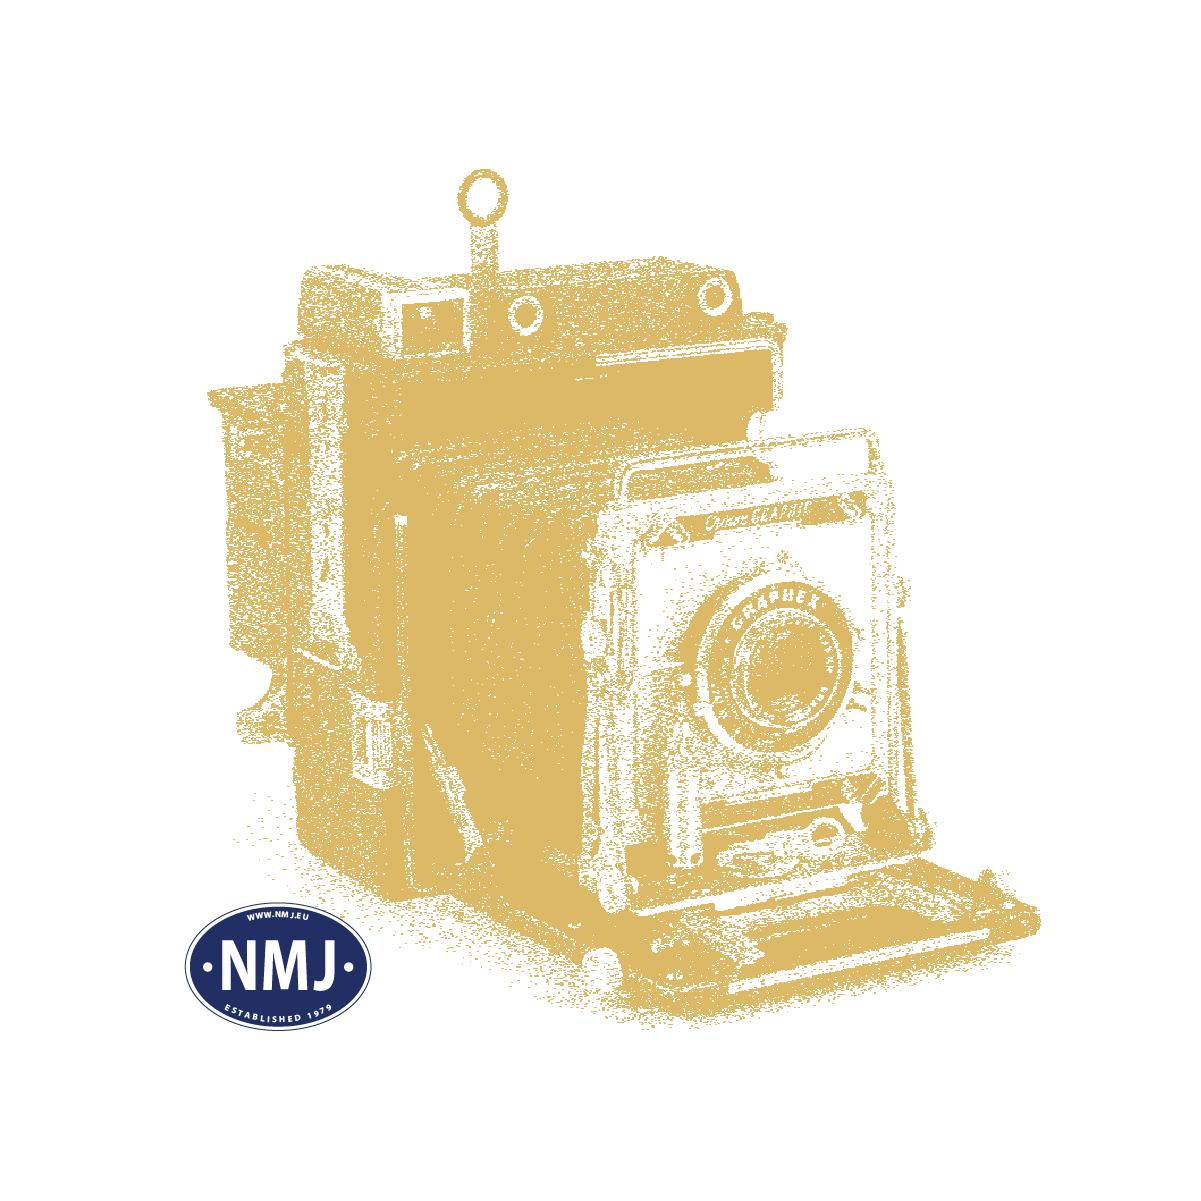 NMJT90604 - NMJ Topline CLR V170 1151, DCC Sound